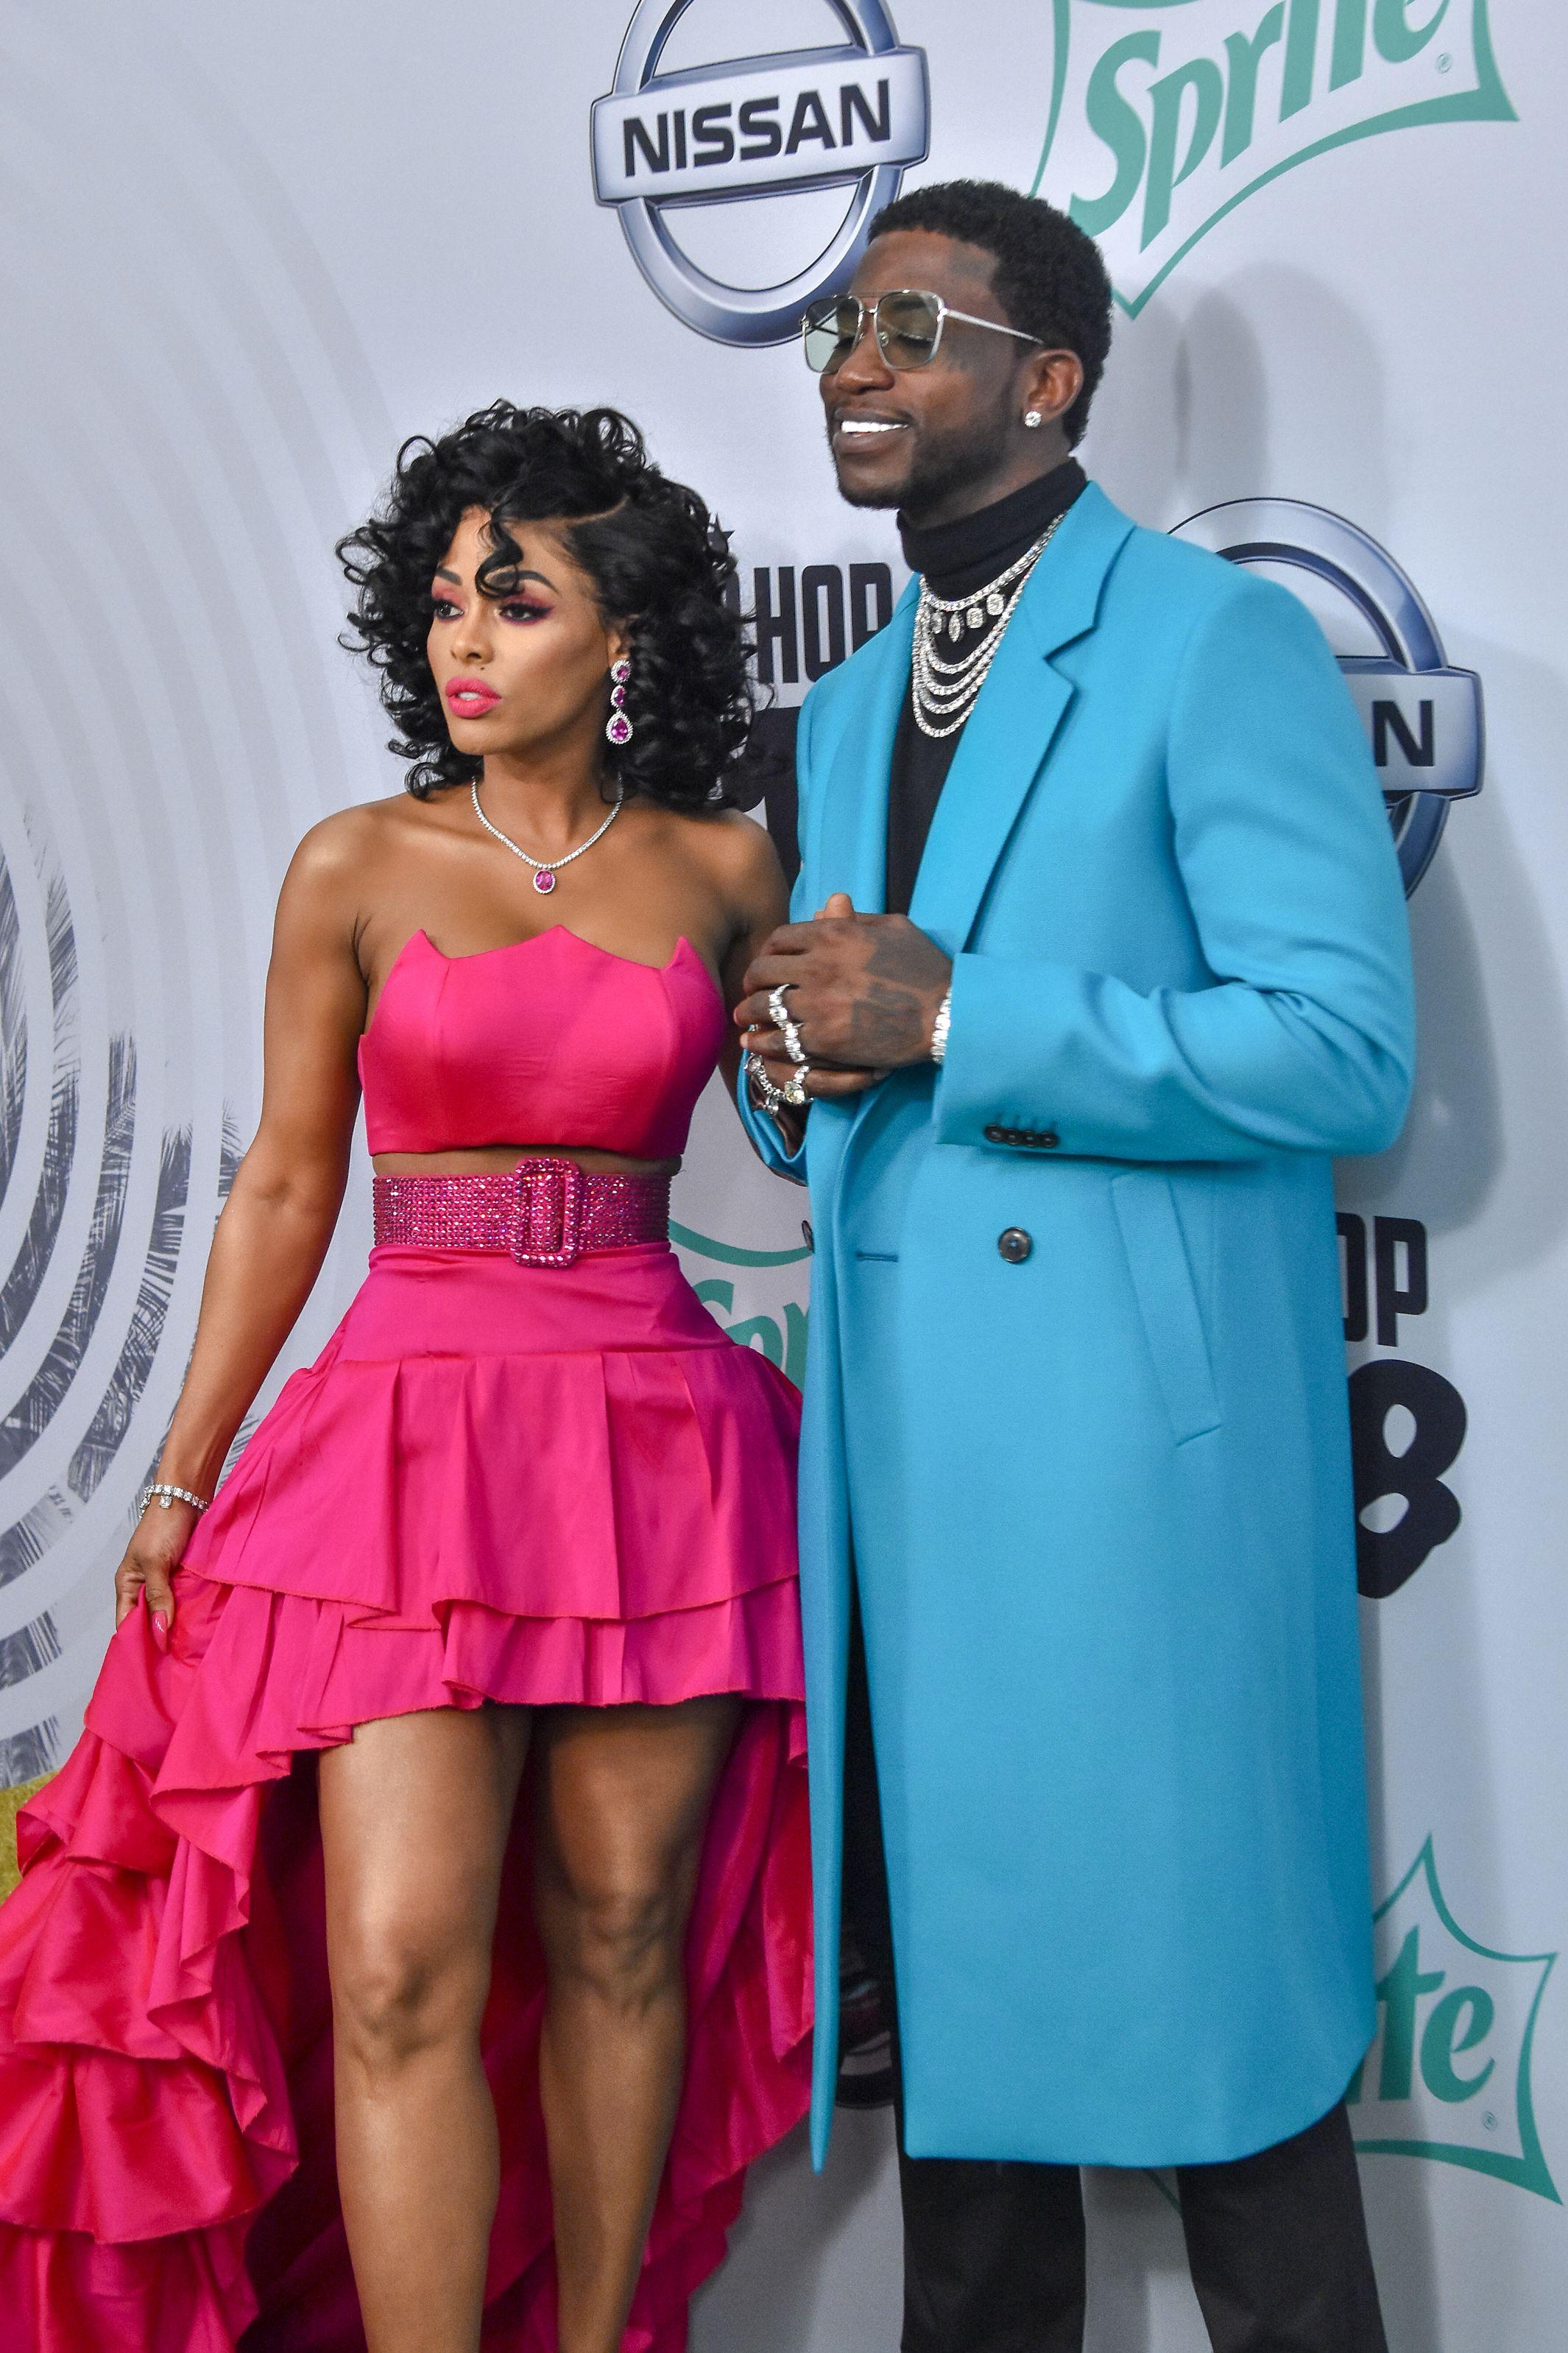 Gucci Mane Keyshia Ka'oir Love & Hip-Hop